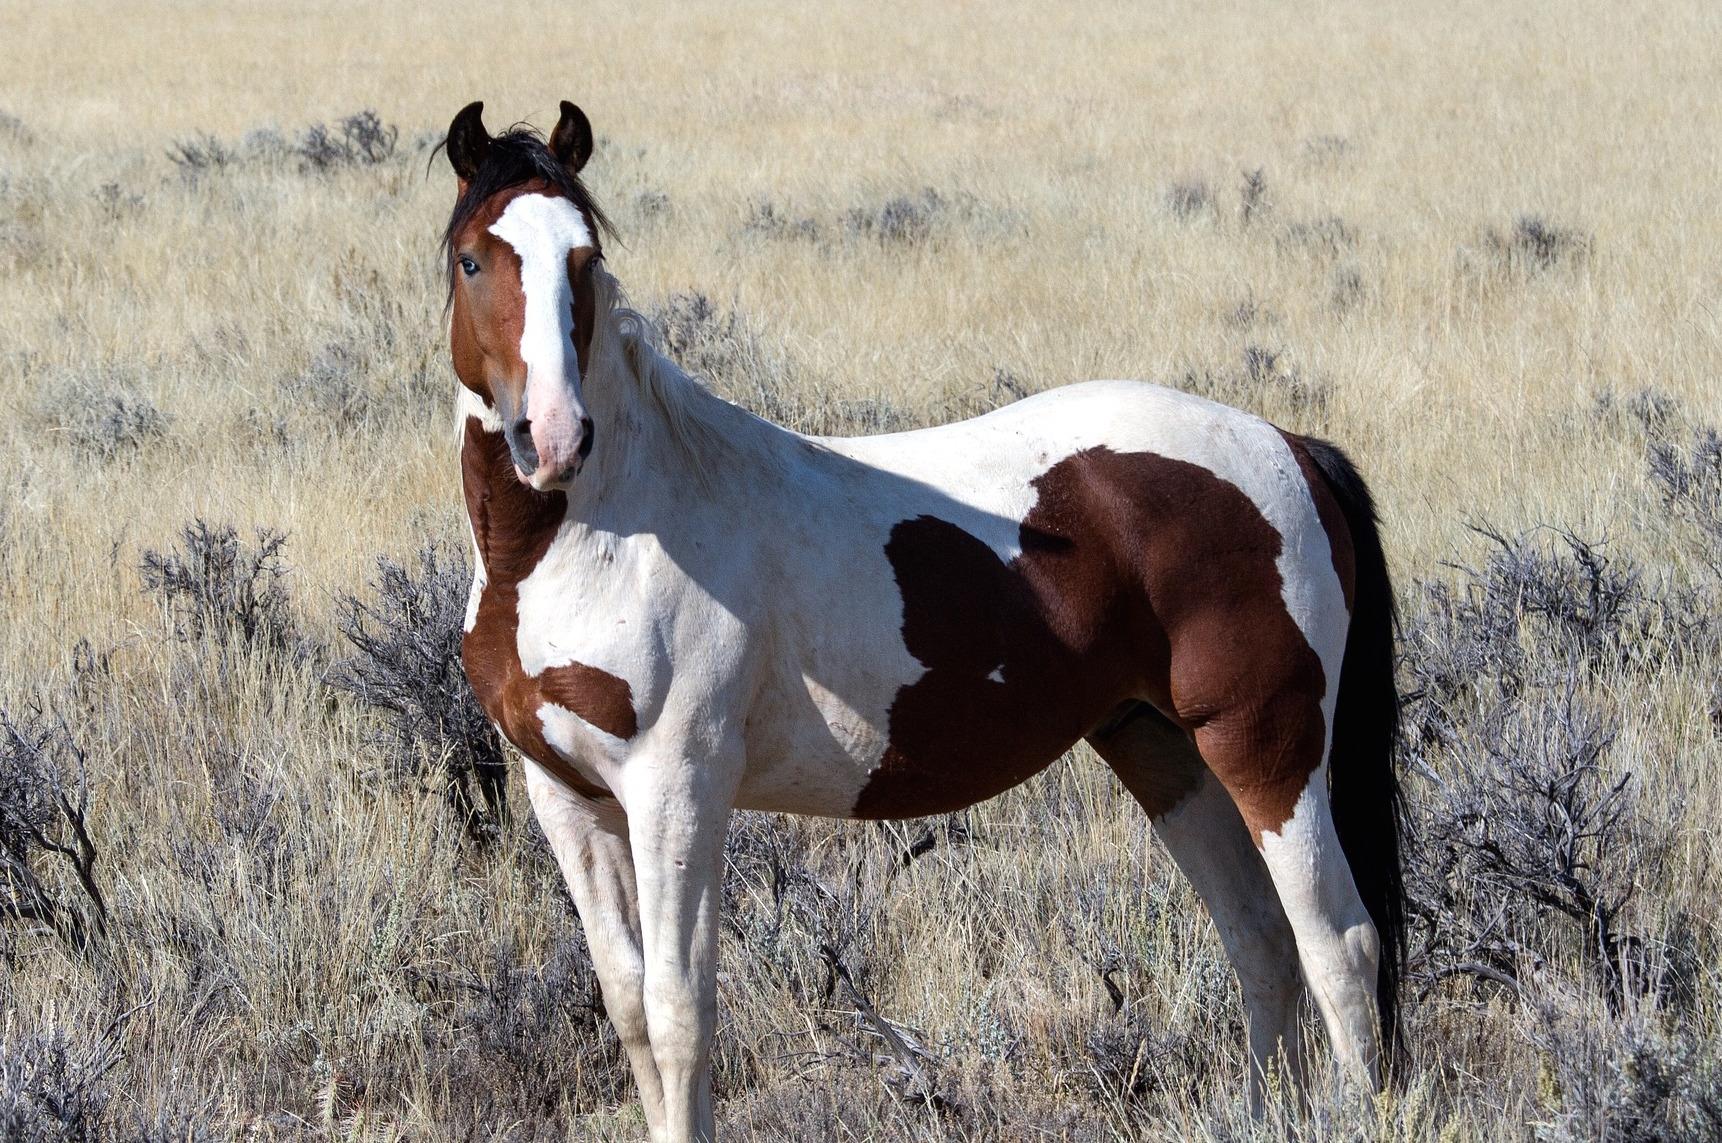 wild-horses-1760583_1920